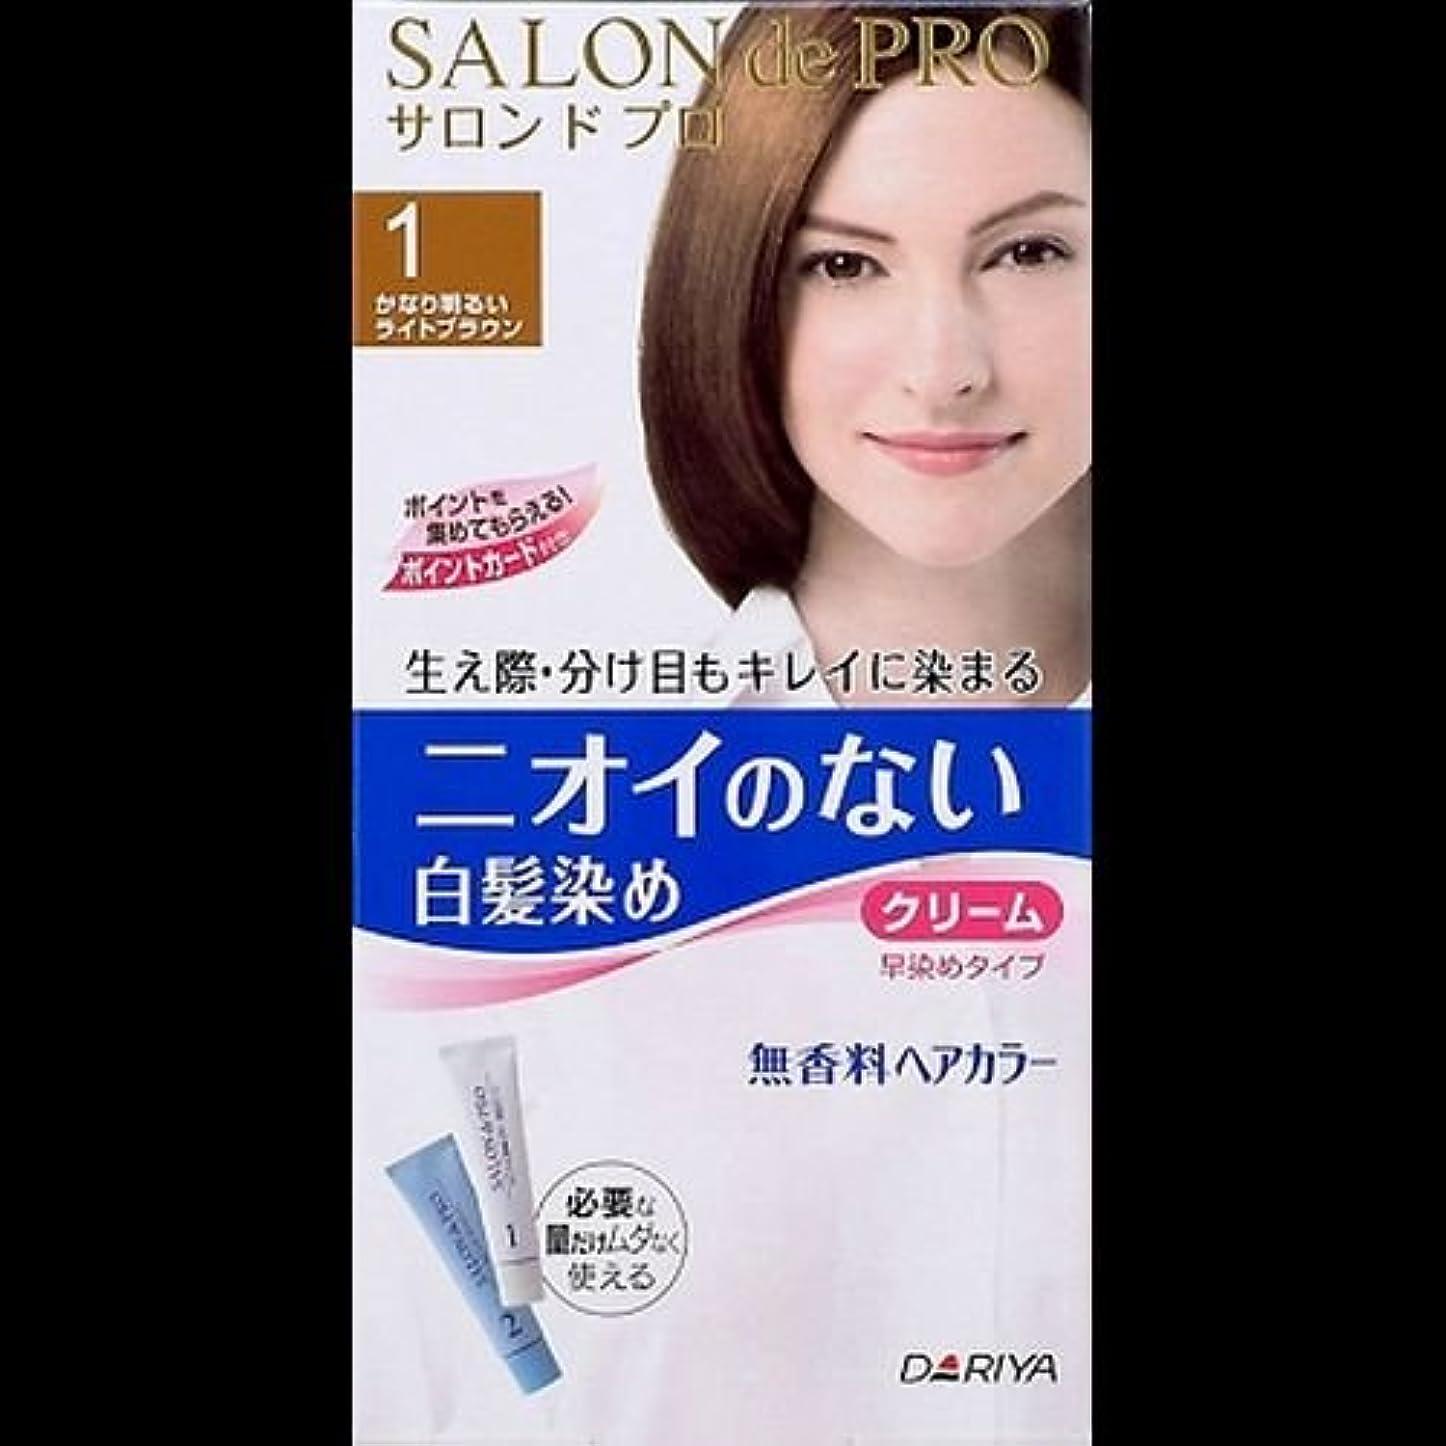 かまど柔らかさ耐久【まとめ買い】サロンドプロ 無香料ヘアカラークリーム 白髪用1 かなり明るいライトブラウン(1セット) ×2セット